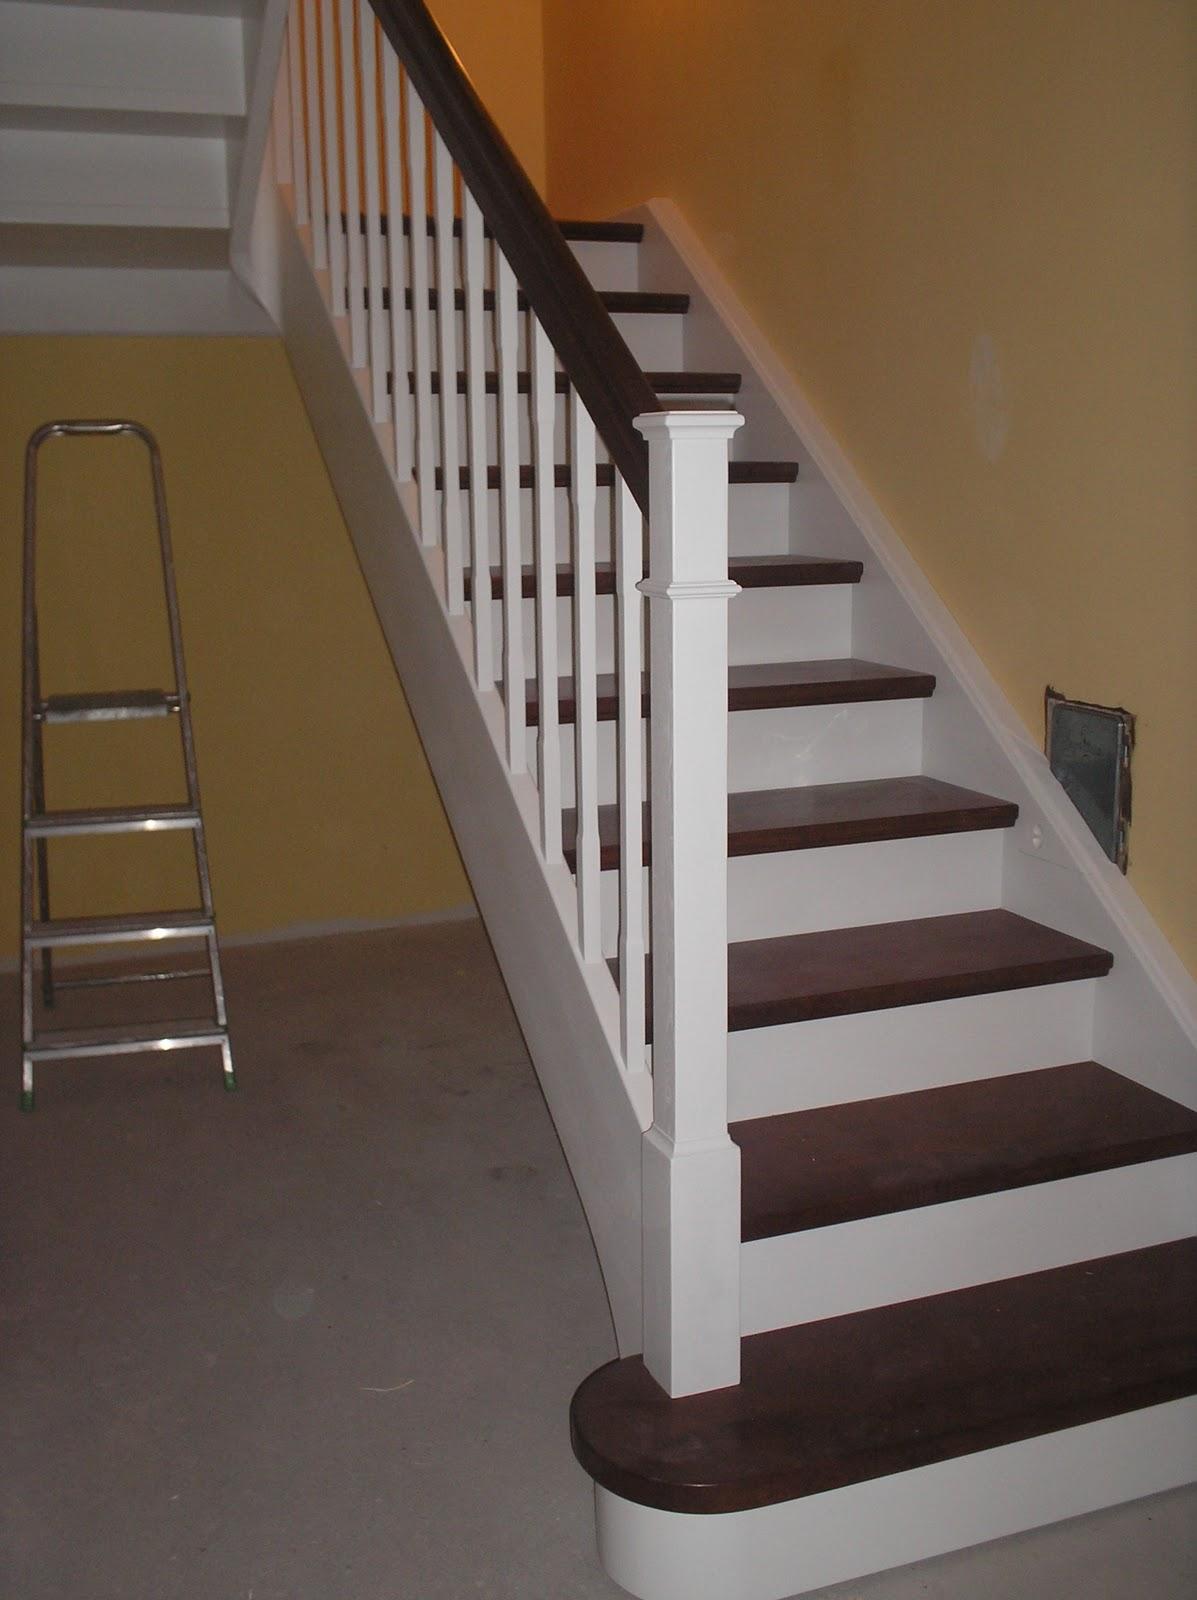 holztreppen aus polen vollholz bekleidung der betontreppen. Black Bedroom Furniture Sets. Home Design Ideas